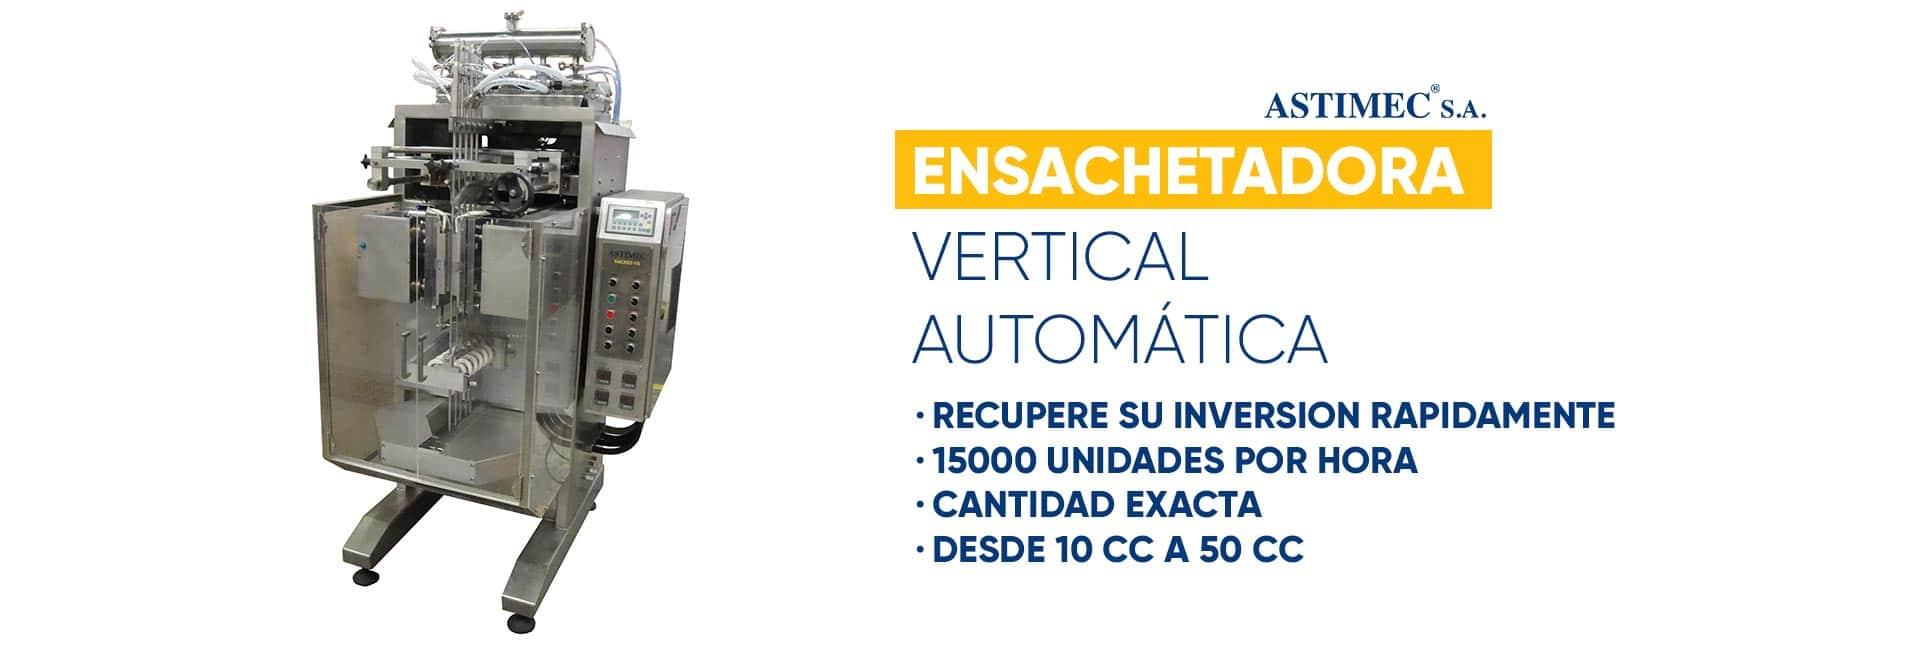 Ensachetadora Vertical Automática ASTIMEC